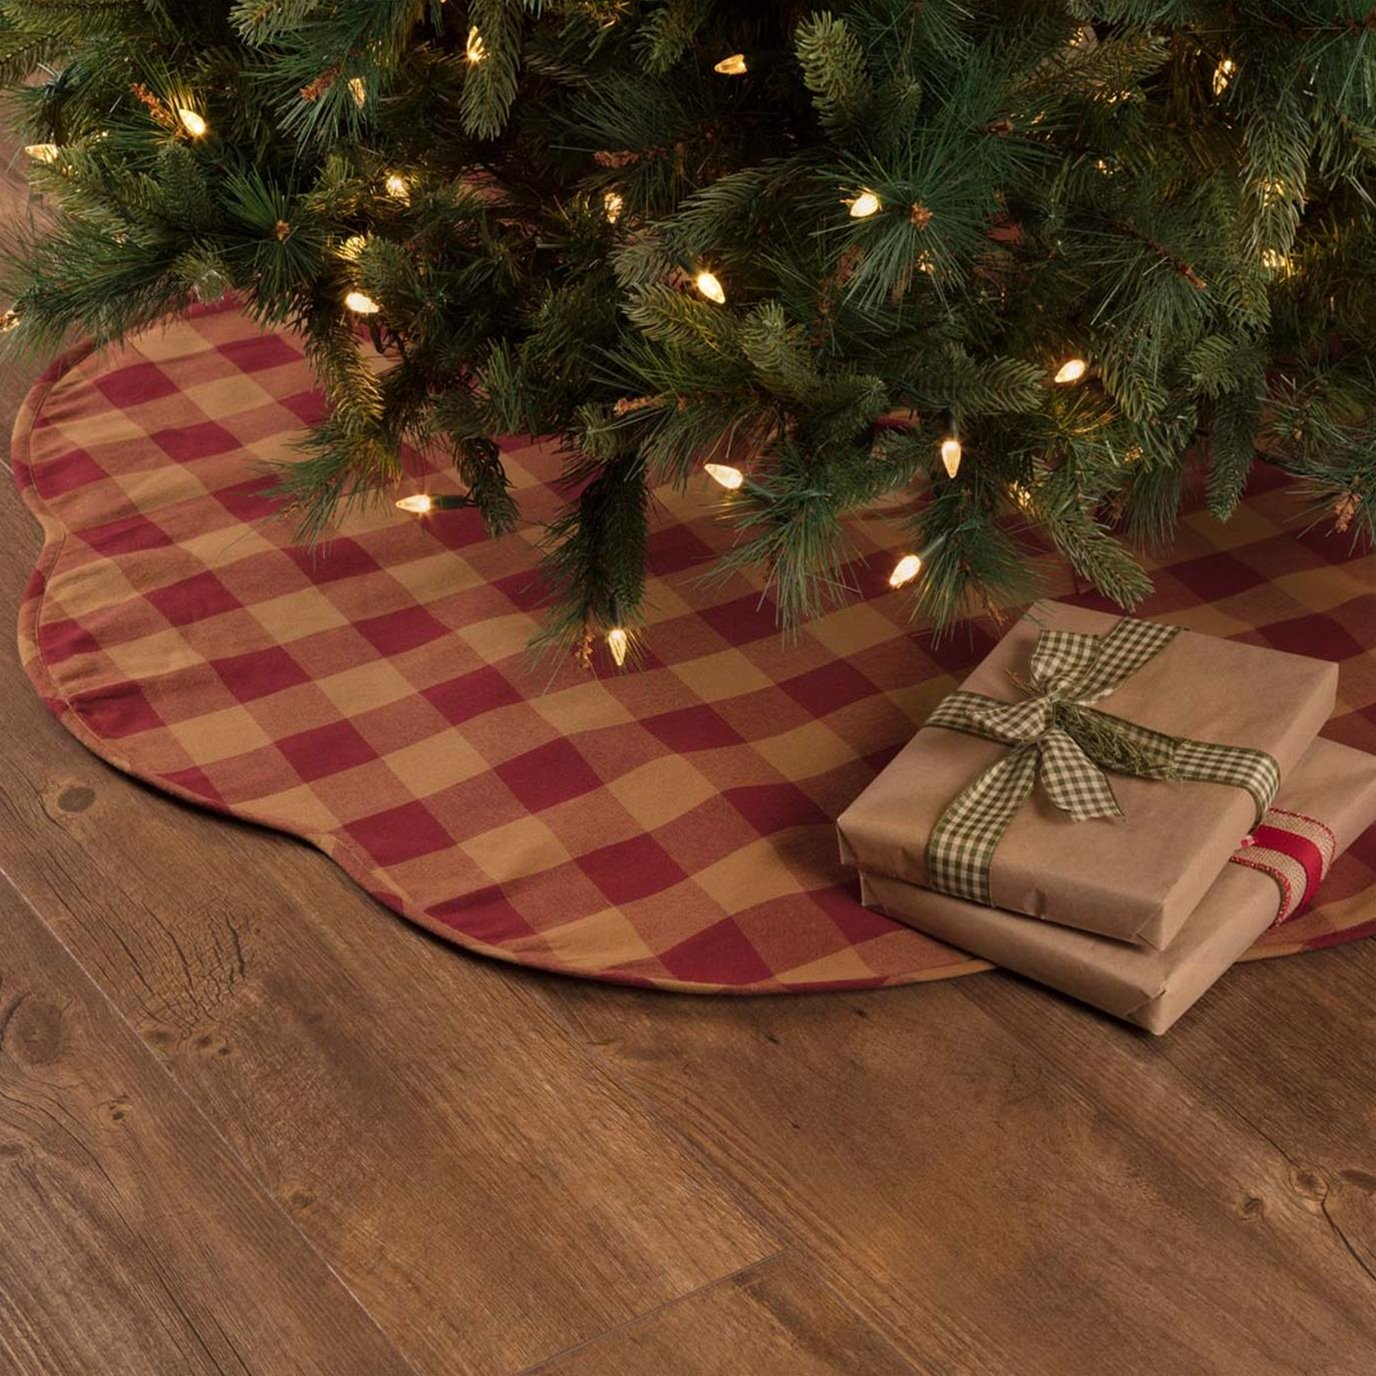 Burgundy Check Scalloped Tree Skirt 48